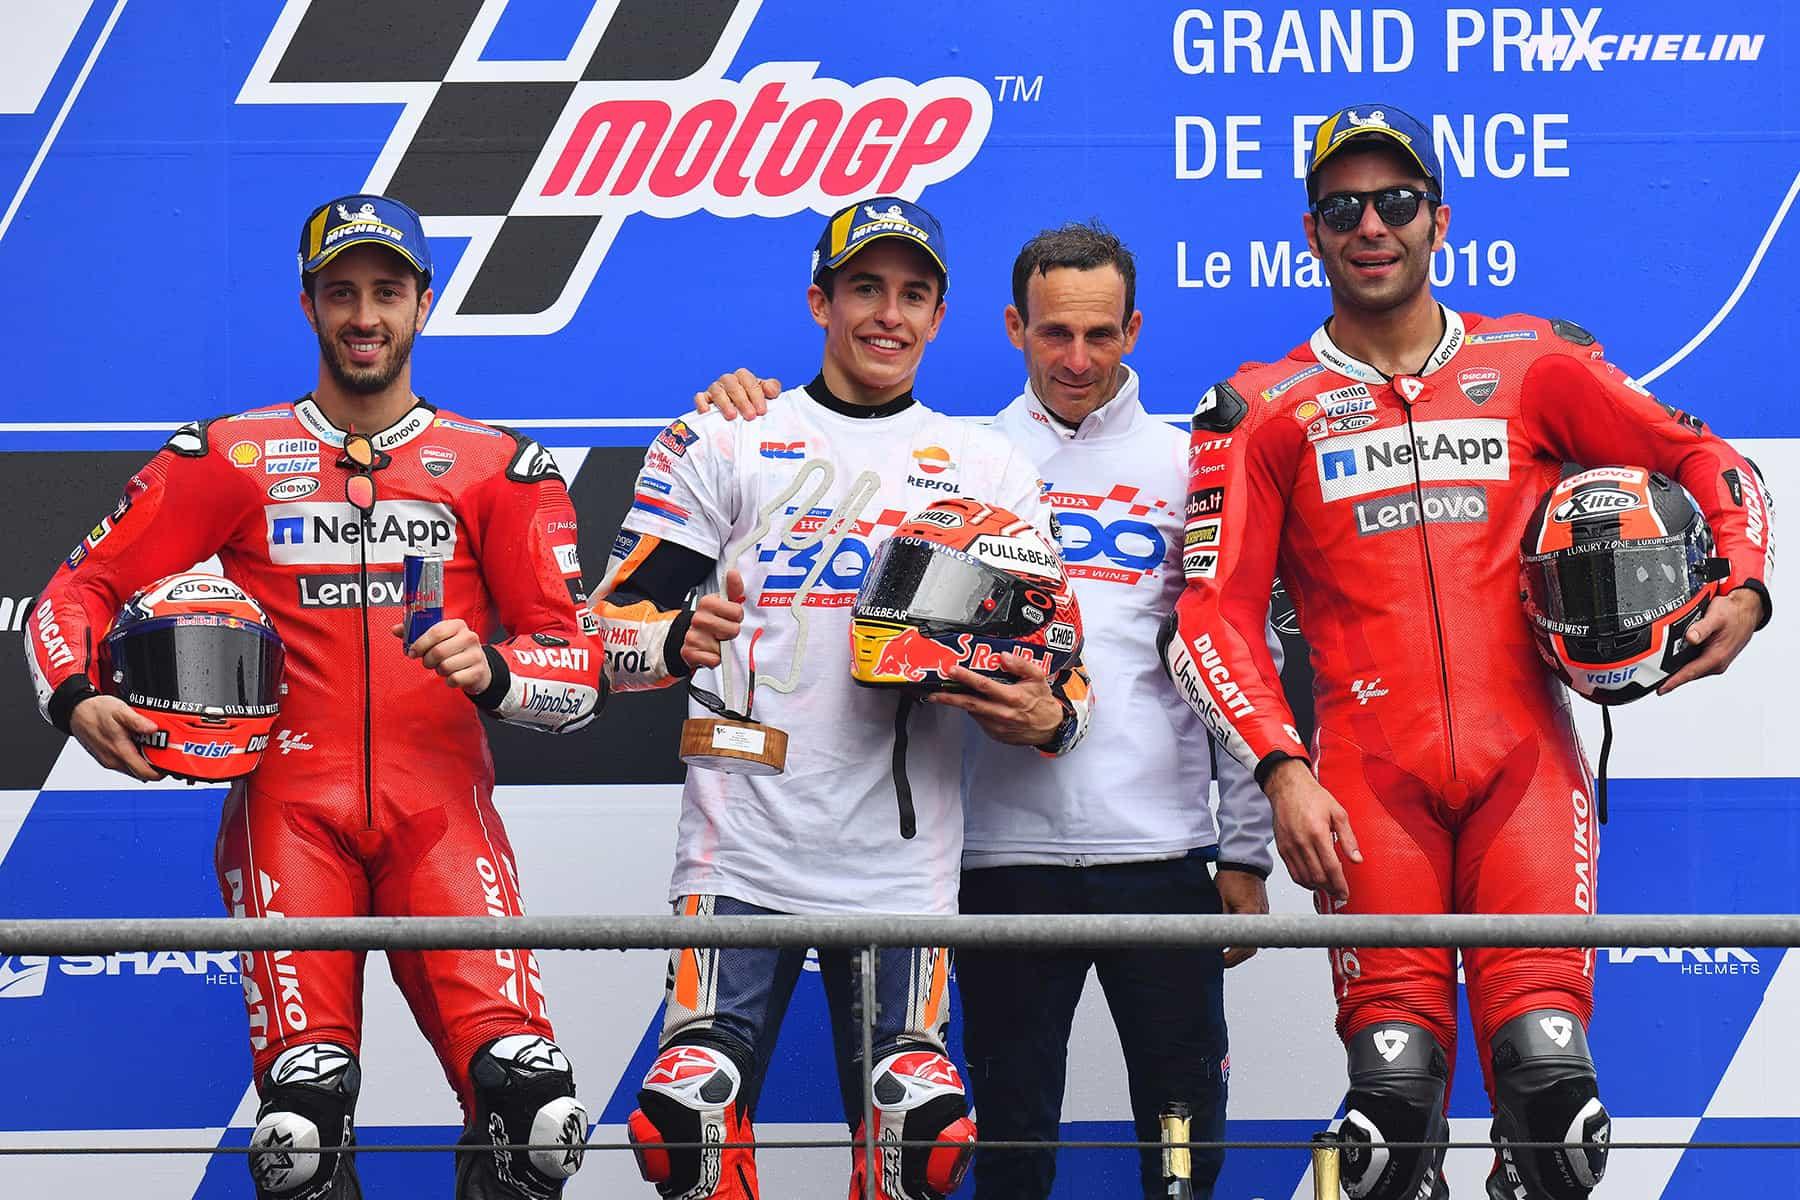 MotoGP2019フランスGP 優勝マルケス「異なるライディングスタイルを2つ、3つ使い分けている」